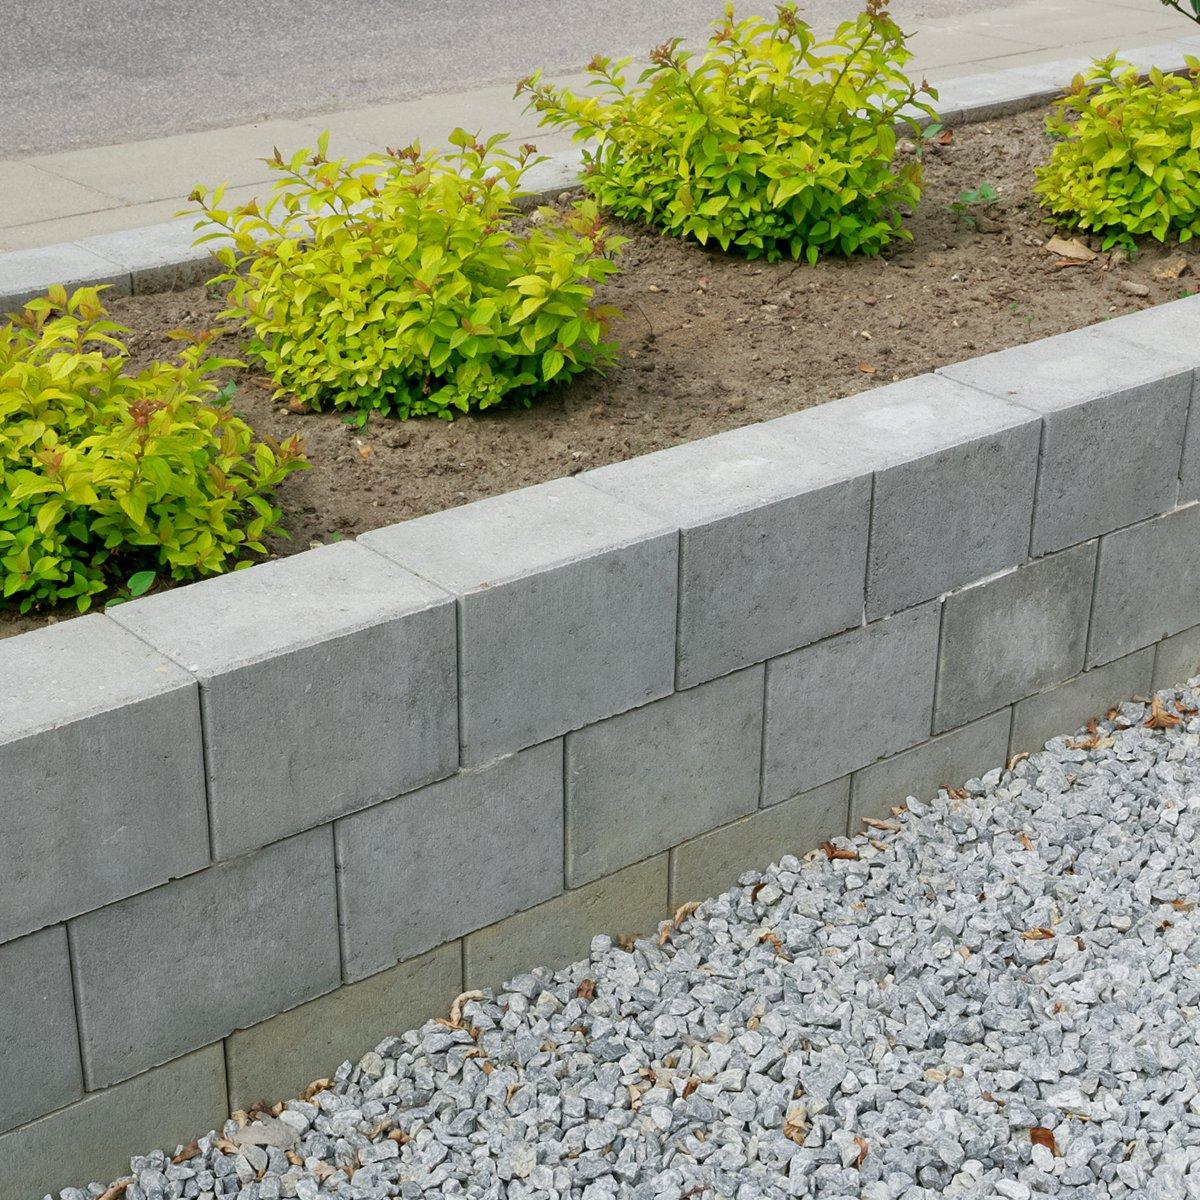 Bondesten 14x21x14 cm Grå Kantblokke